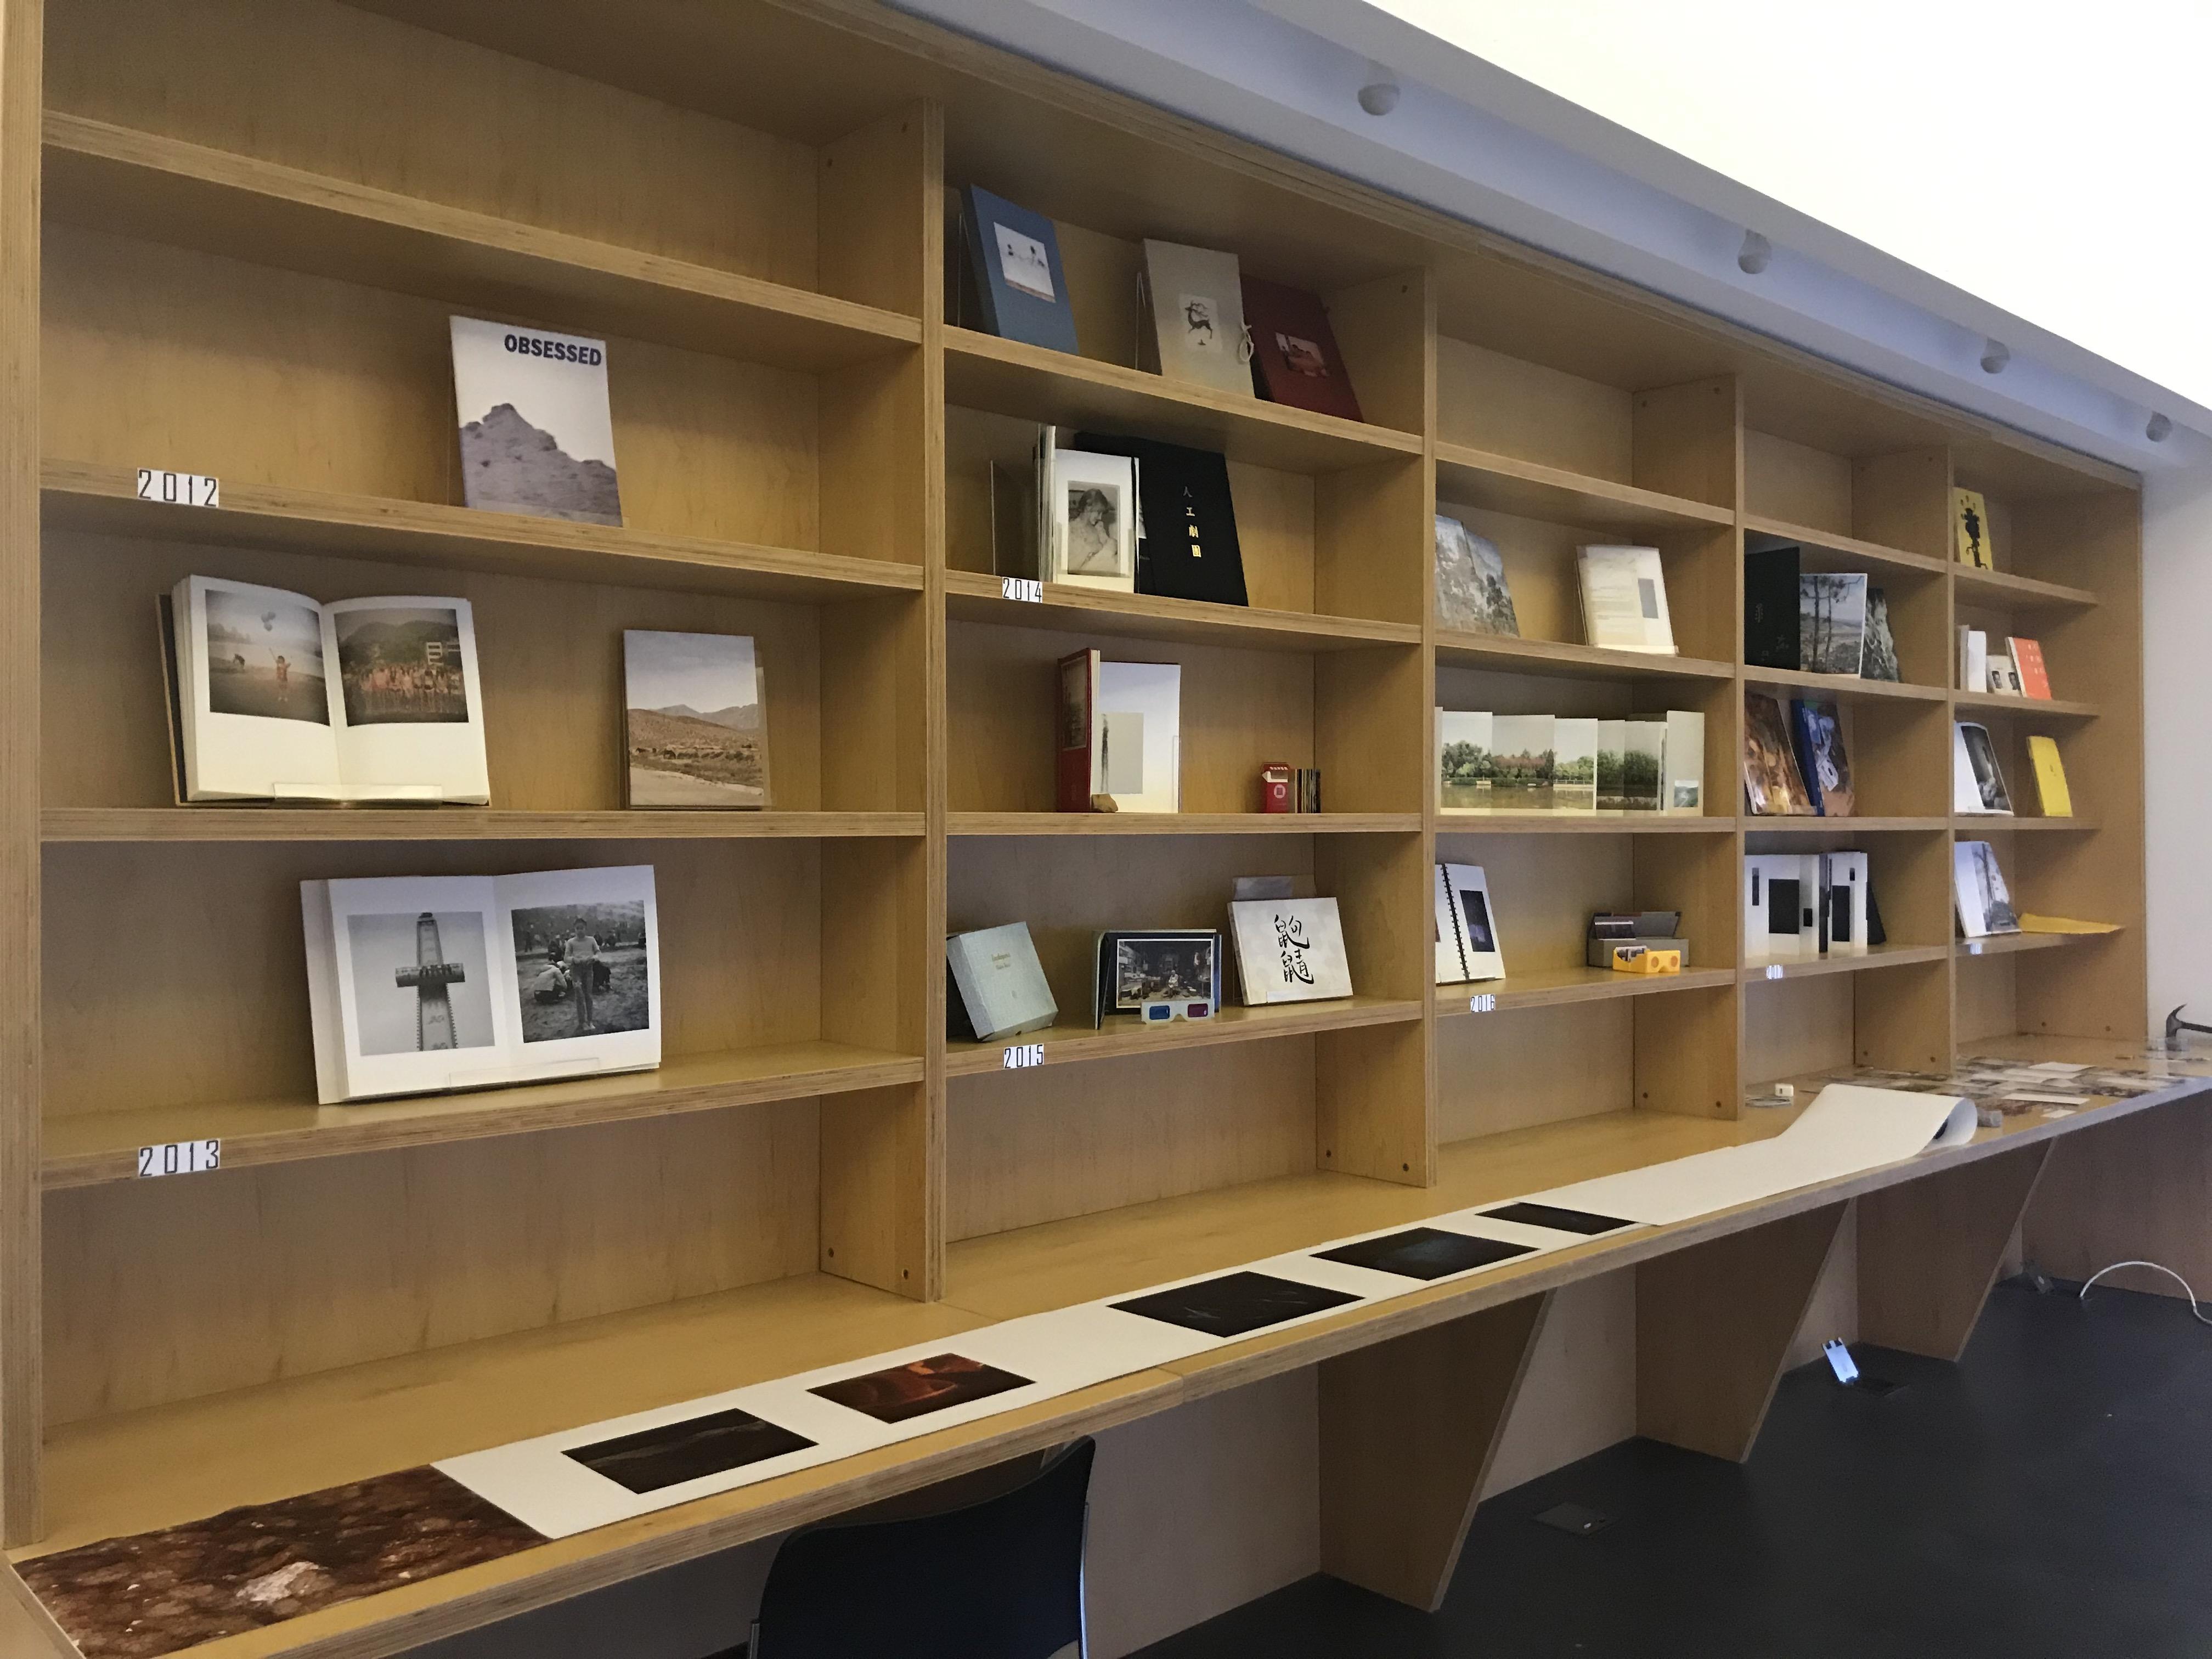 参加艺术书展的假杂志摄影书合影。